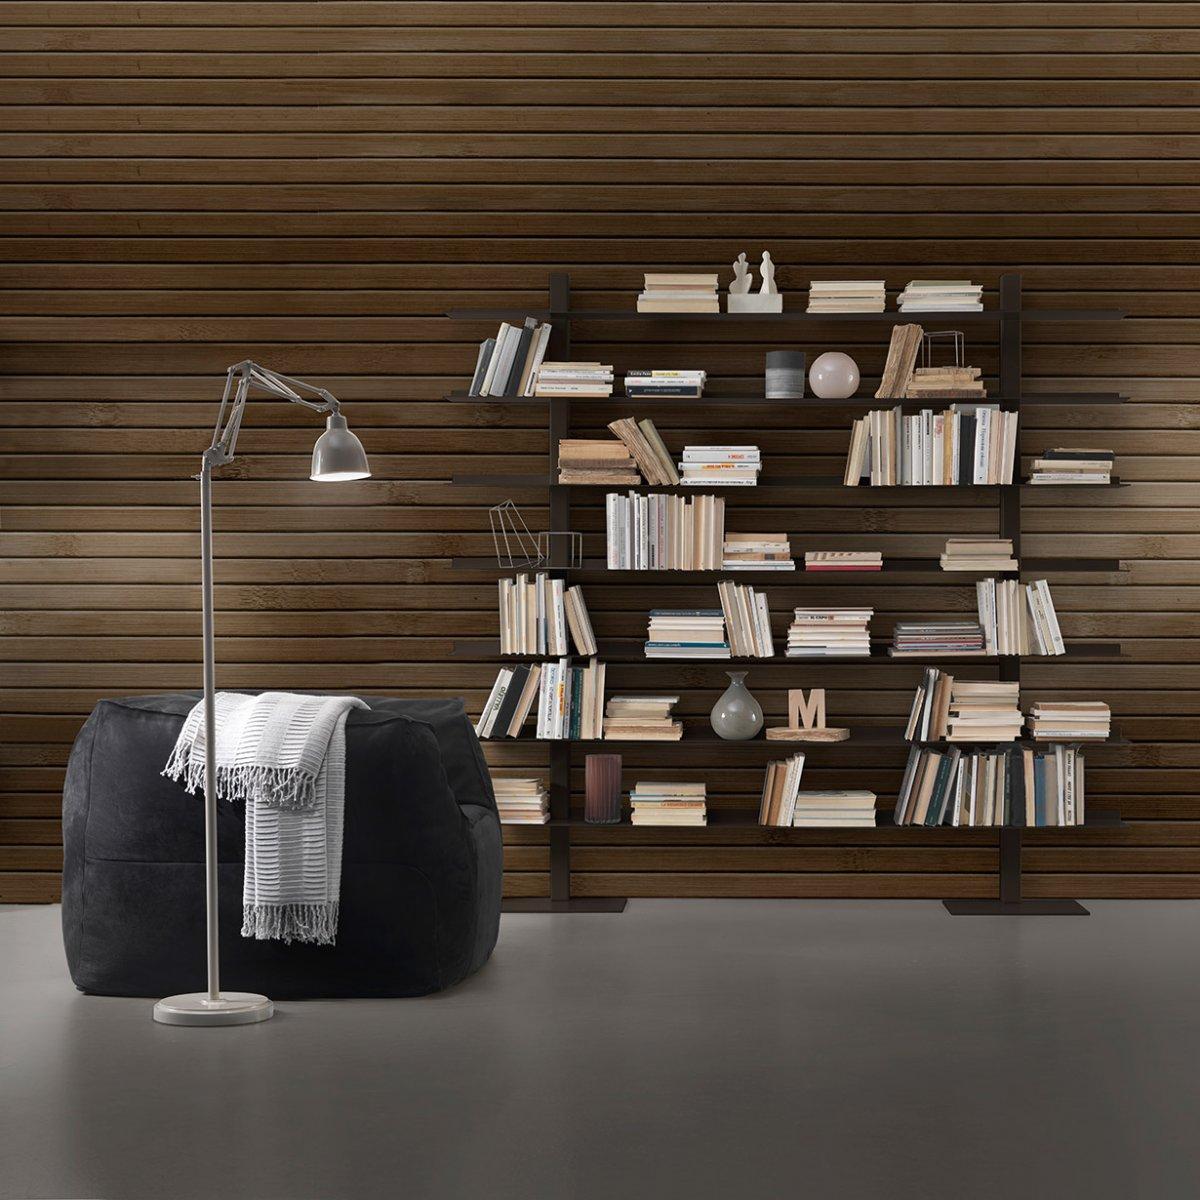 Bibliothèques : des conseils pour bien choisir votre meuble